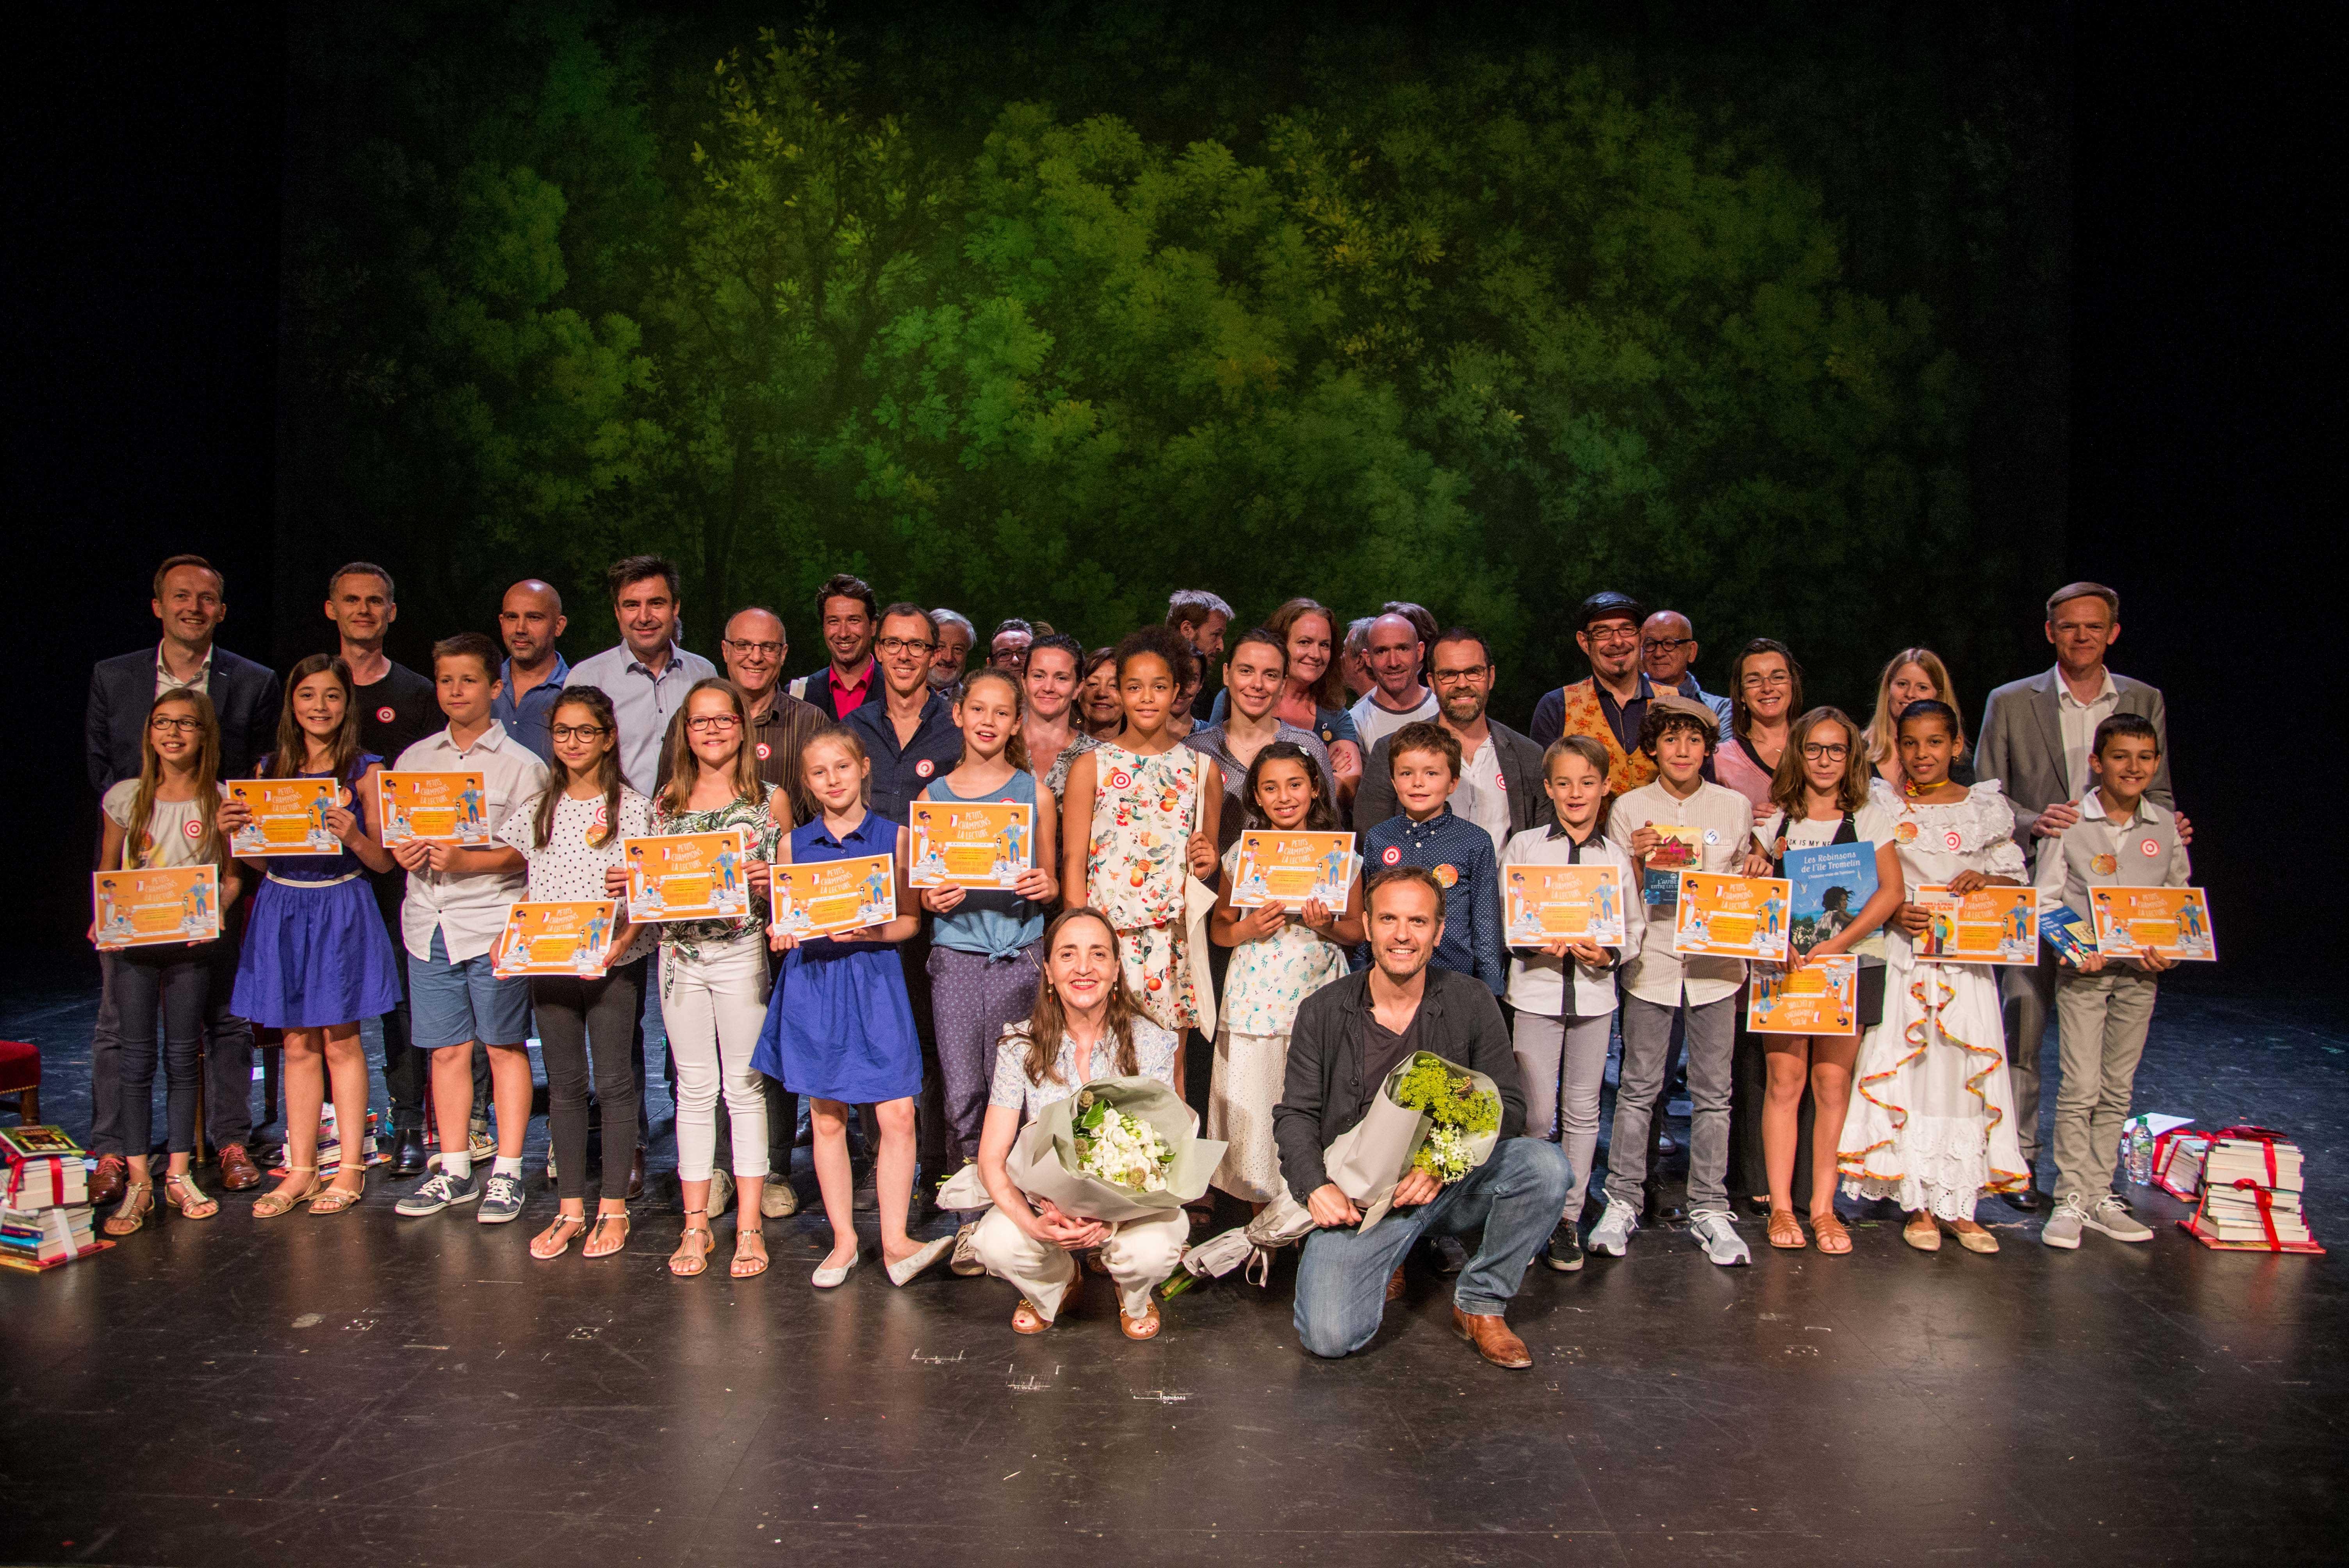 Photo des enfants sur scène avec leur diplôme